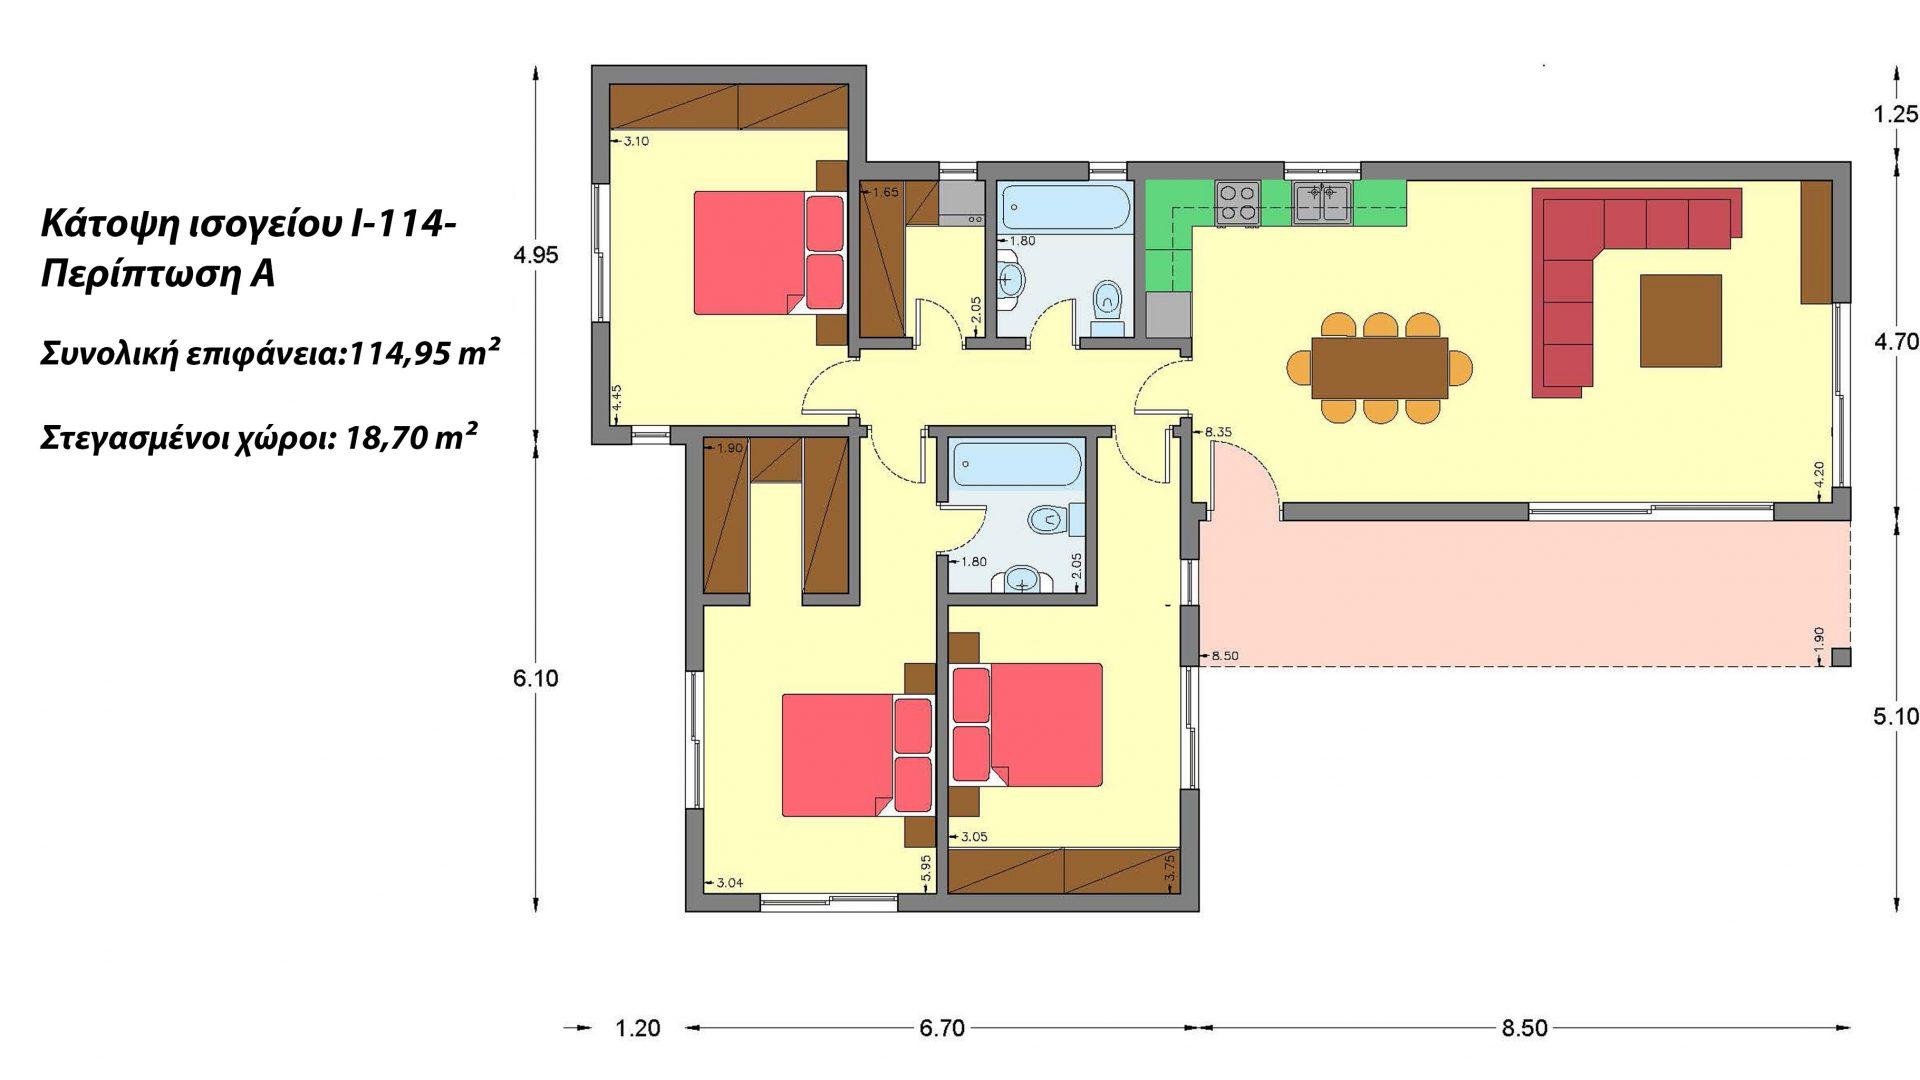 Ισόγεια Κατοικία I-114, συνολικής επιφάνειας 114,95 τ.μ.